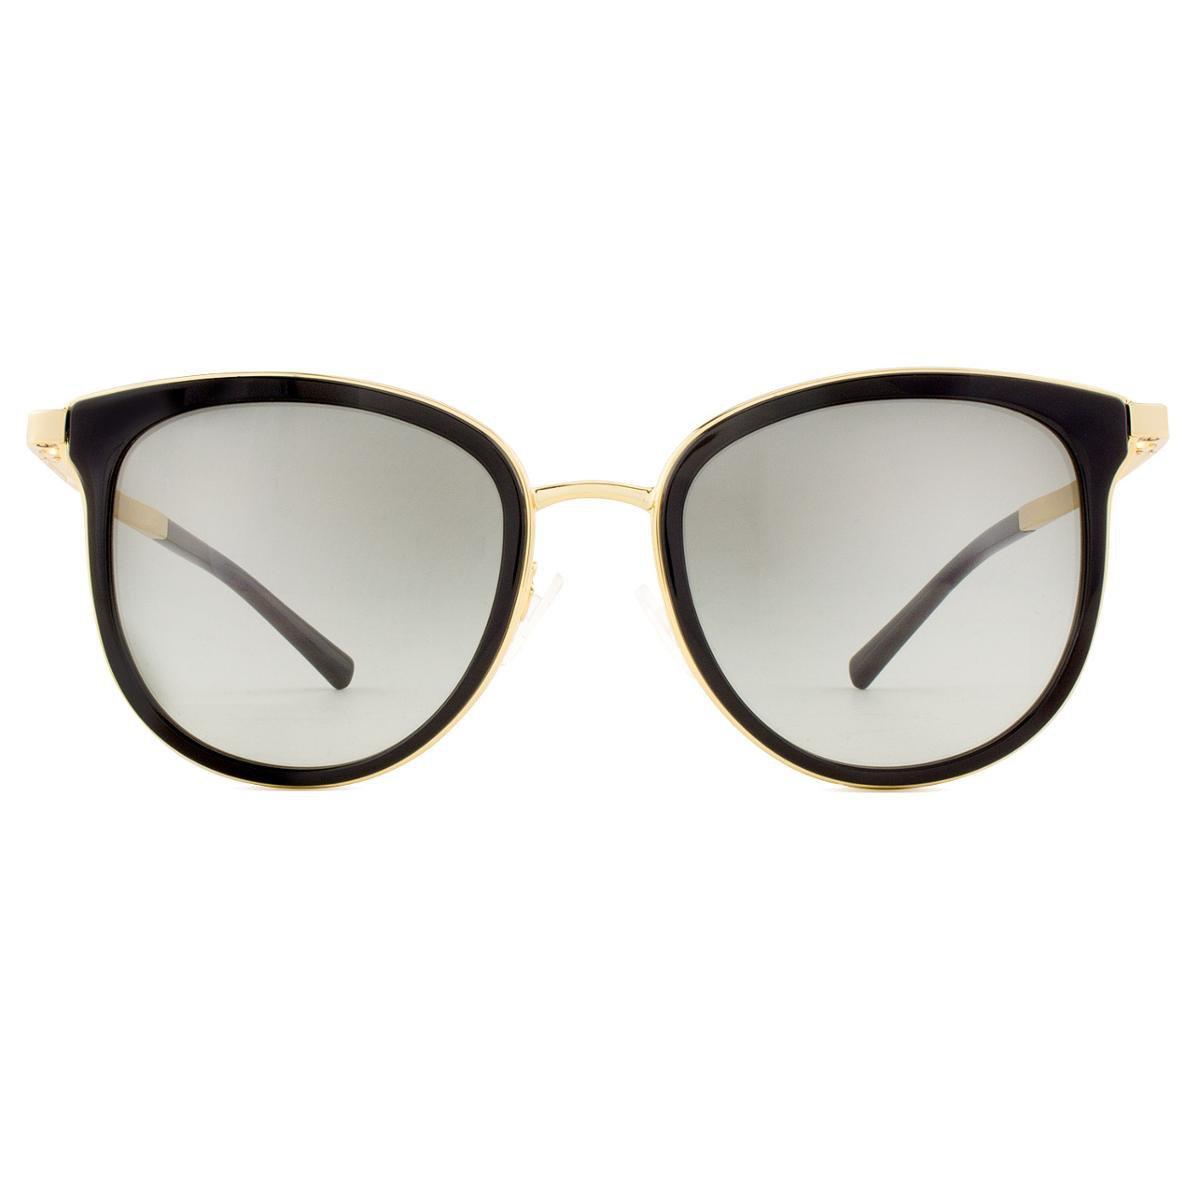 Óculos de Sol Michael Kors Adrianna I MK1010 110011-54 Feminino ... f1d0fd2607